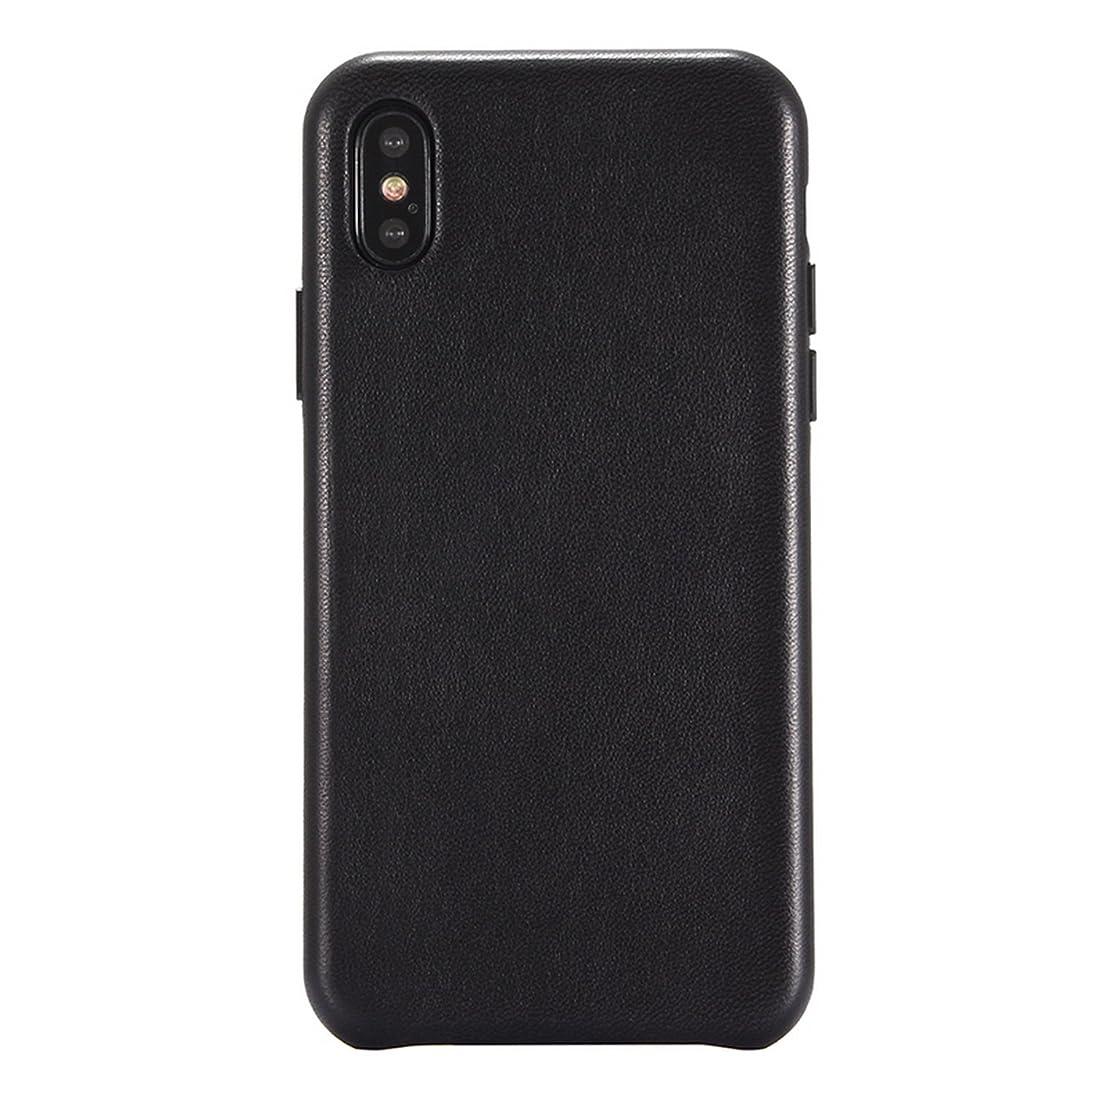 胚葉巻市長OJIBAK iPhoneX ケース iPhone X ケースおしゃれ 高級感 人気 携帯カバー 保護ケース/iPhoneX 対応